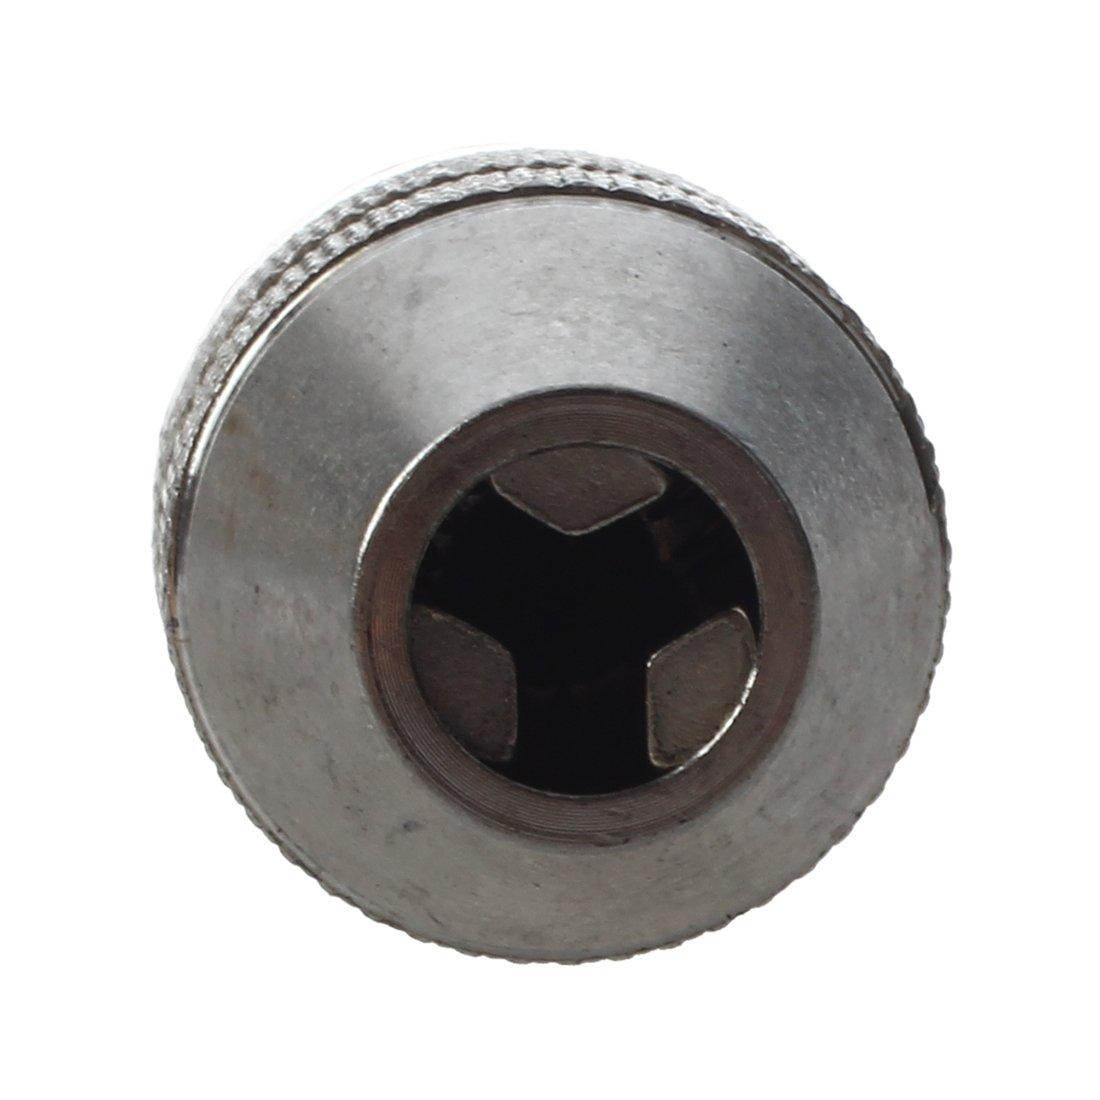 ACAMPTAR Plata Negro 6 mm Broca Portabrocas sin llave de cambio rapido convertidor del adaptador de vastago hexagonal